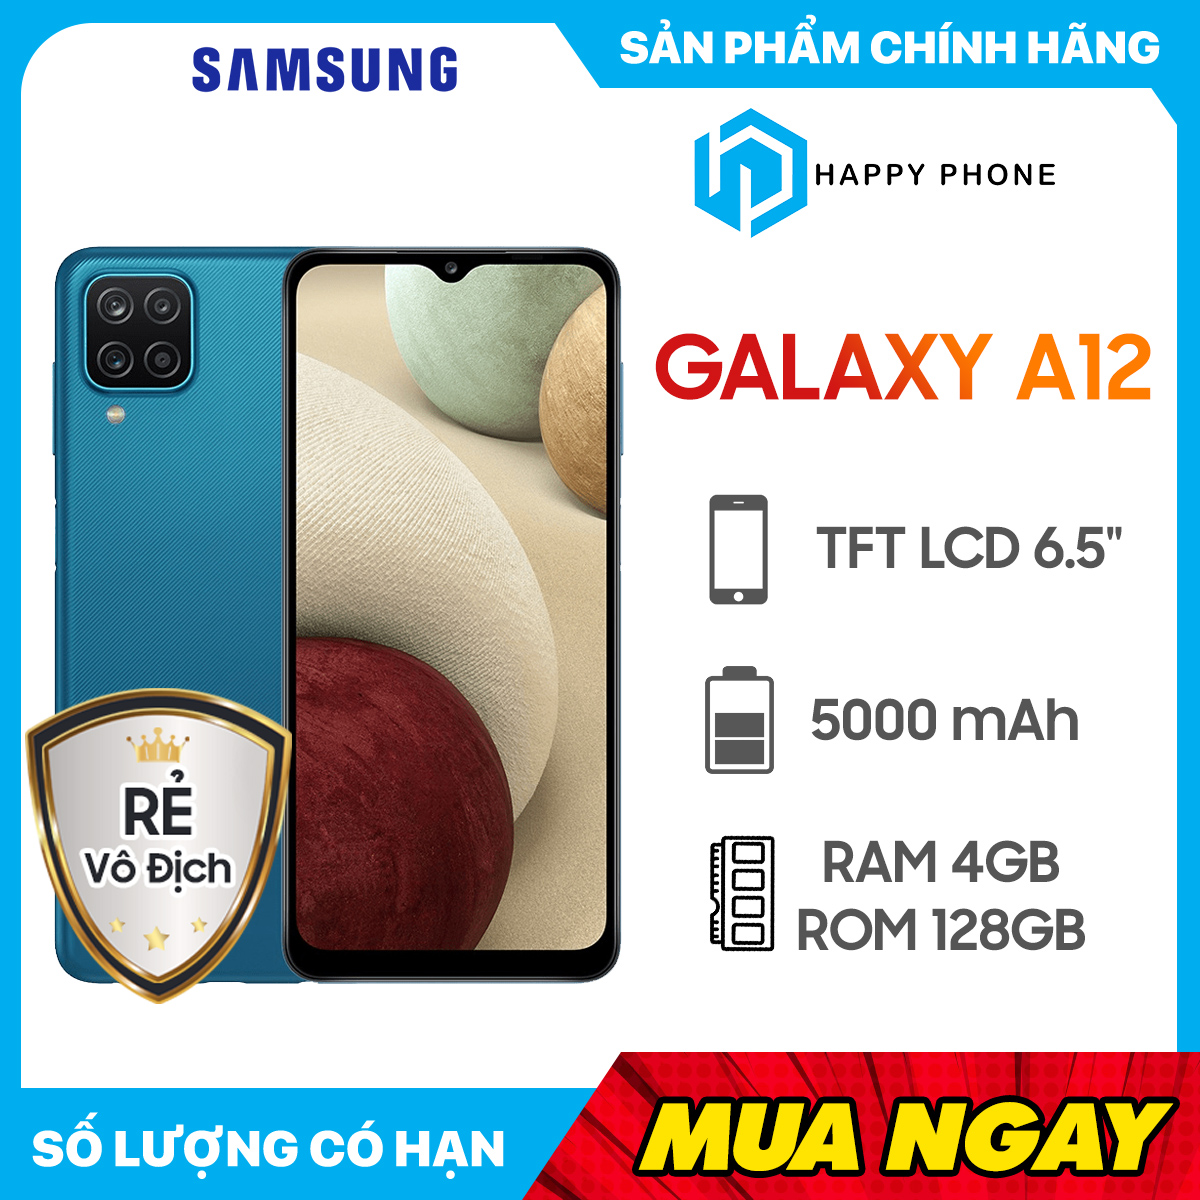 [Trả góp 0%] Điện Thoại Samsung Galaxy A12 (4GB/128GB) - Hàng chính hãng, mới 100% | Nguyên seal | Bảo hành 12 tháng